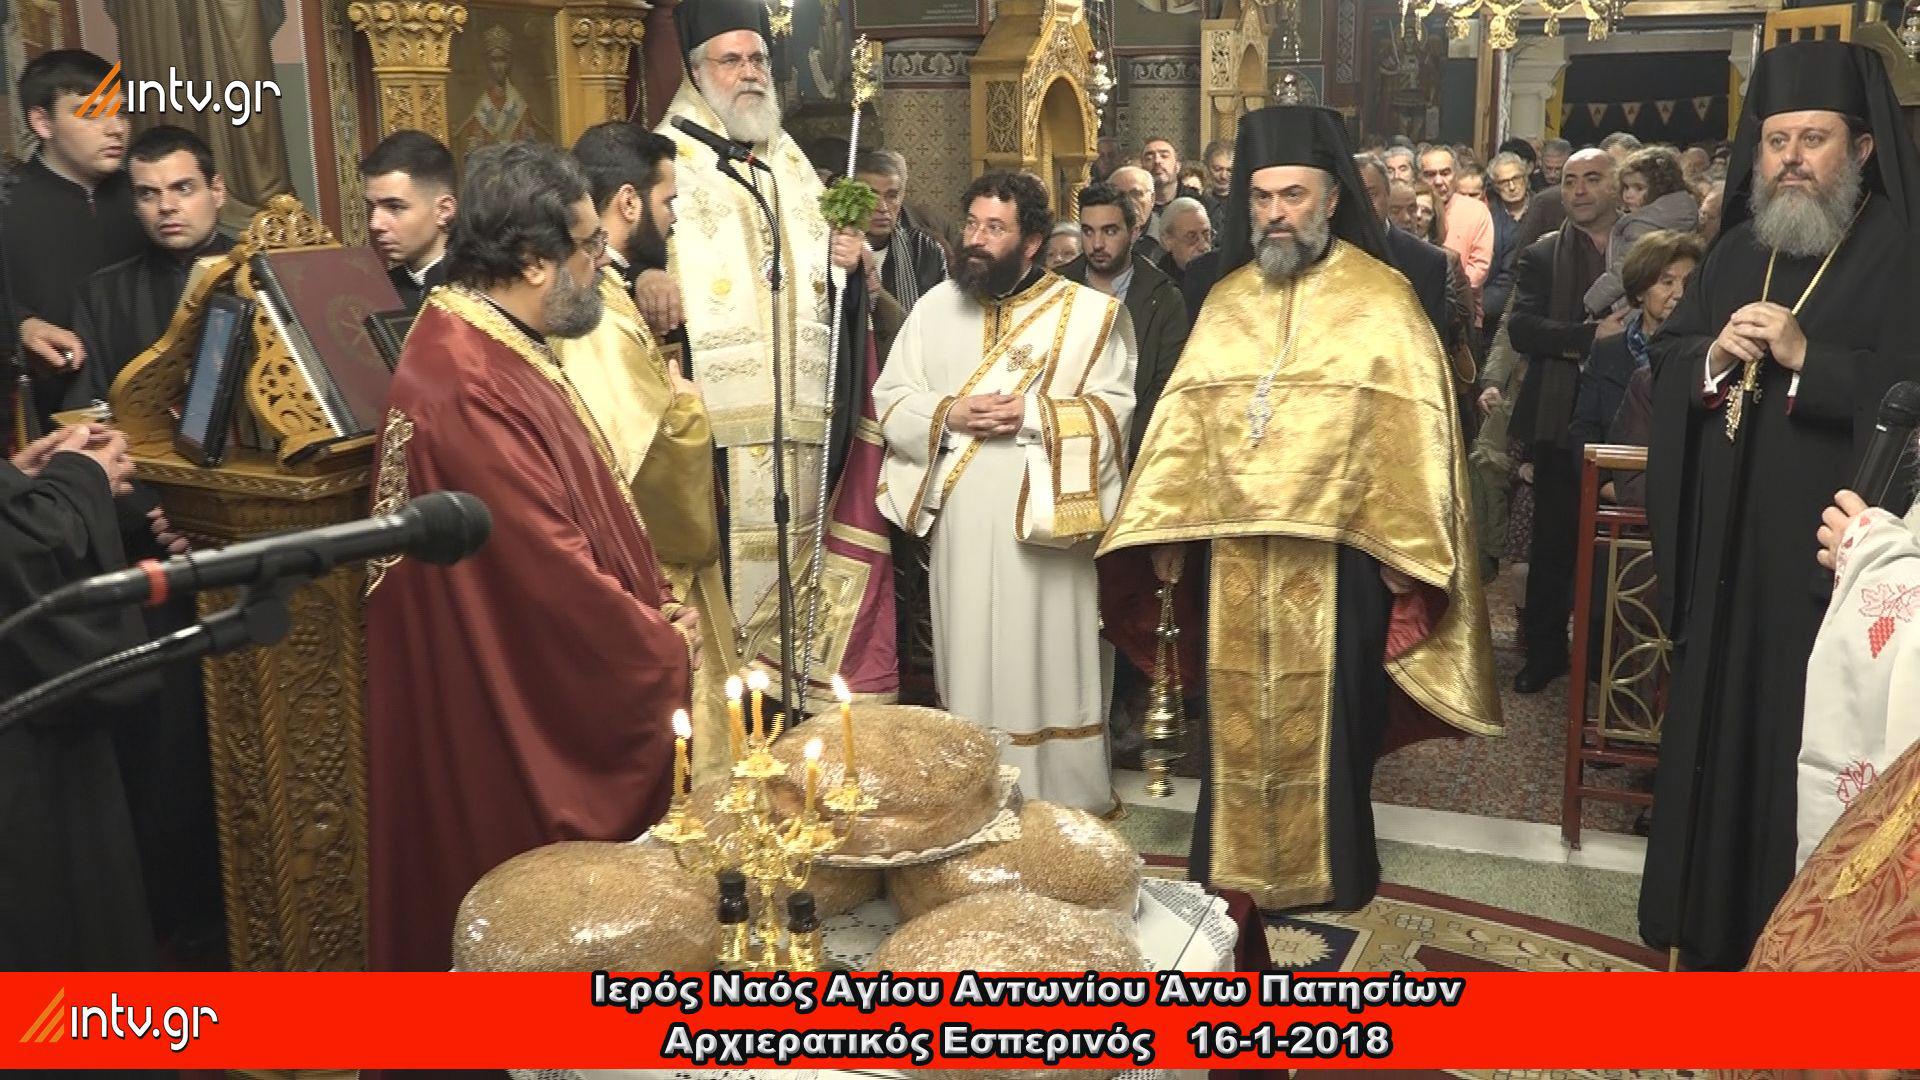 Ιερός Ναός Αγίου Αντωνίου Άνω Πατησίων - Αρχιερατικός Εσπερινός 2018